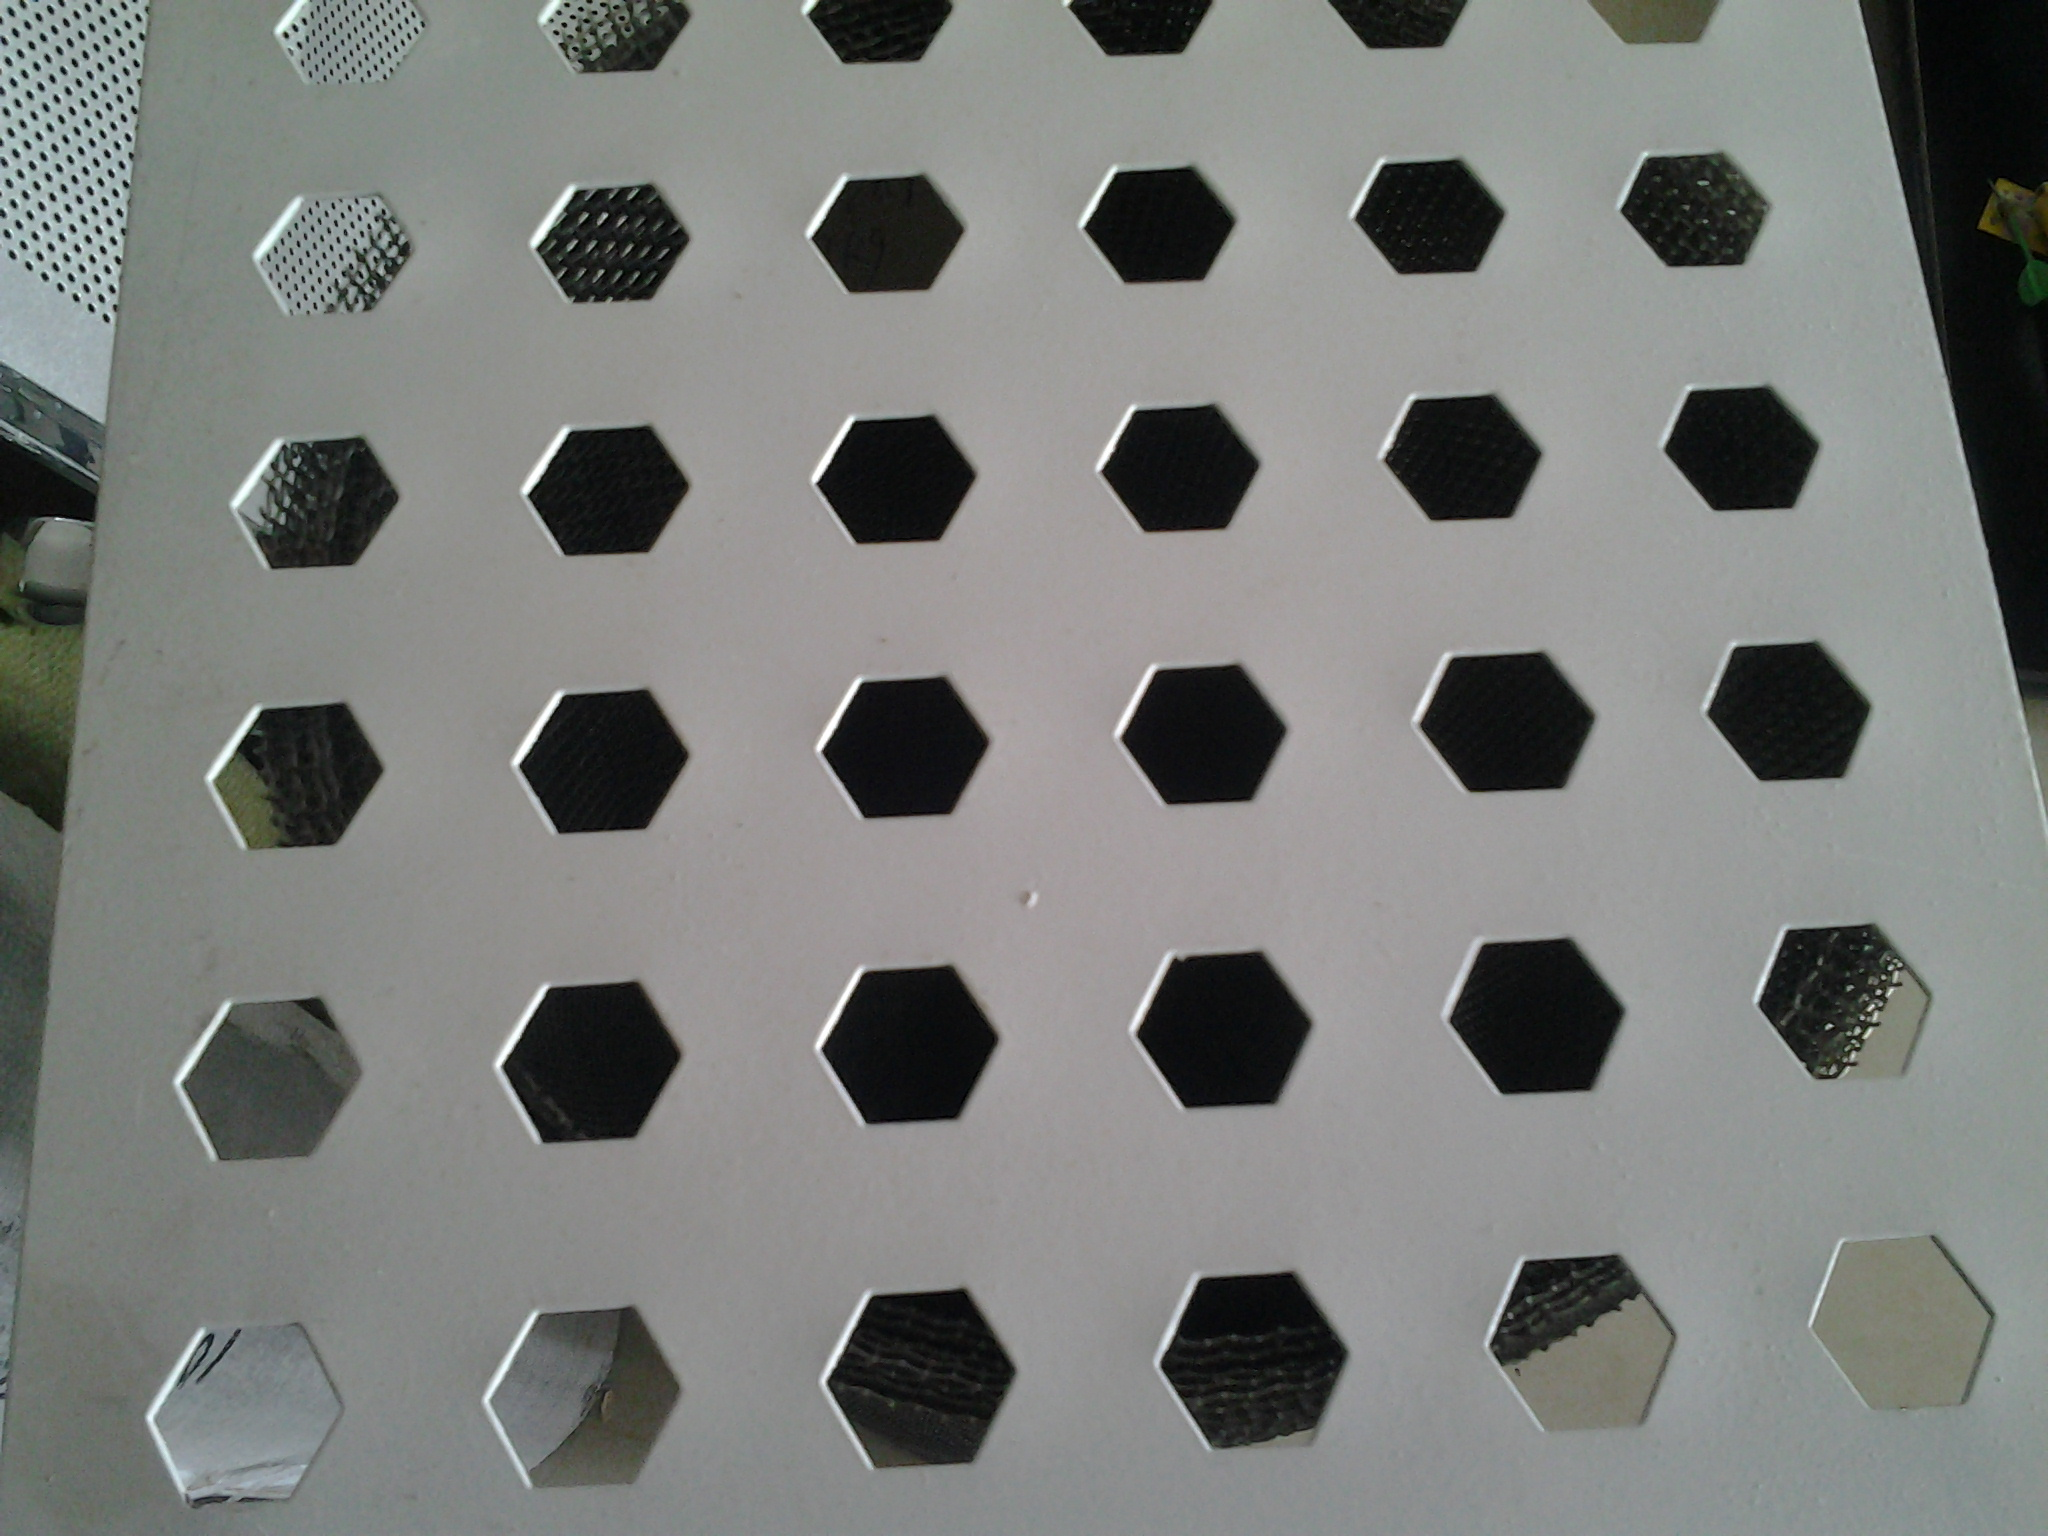 304ステンレス六角打抜き網亜鉛板打抜き穴網篩板マイクロプレート円孔